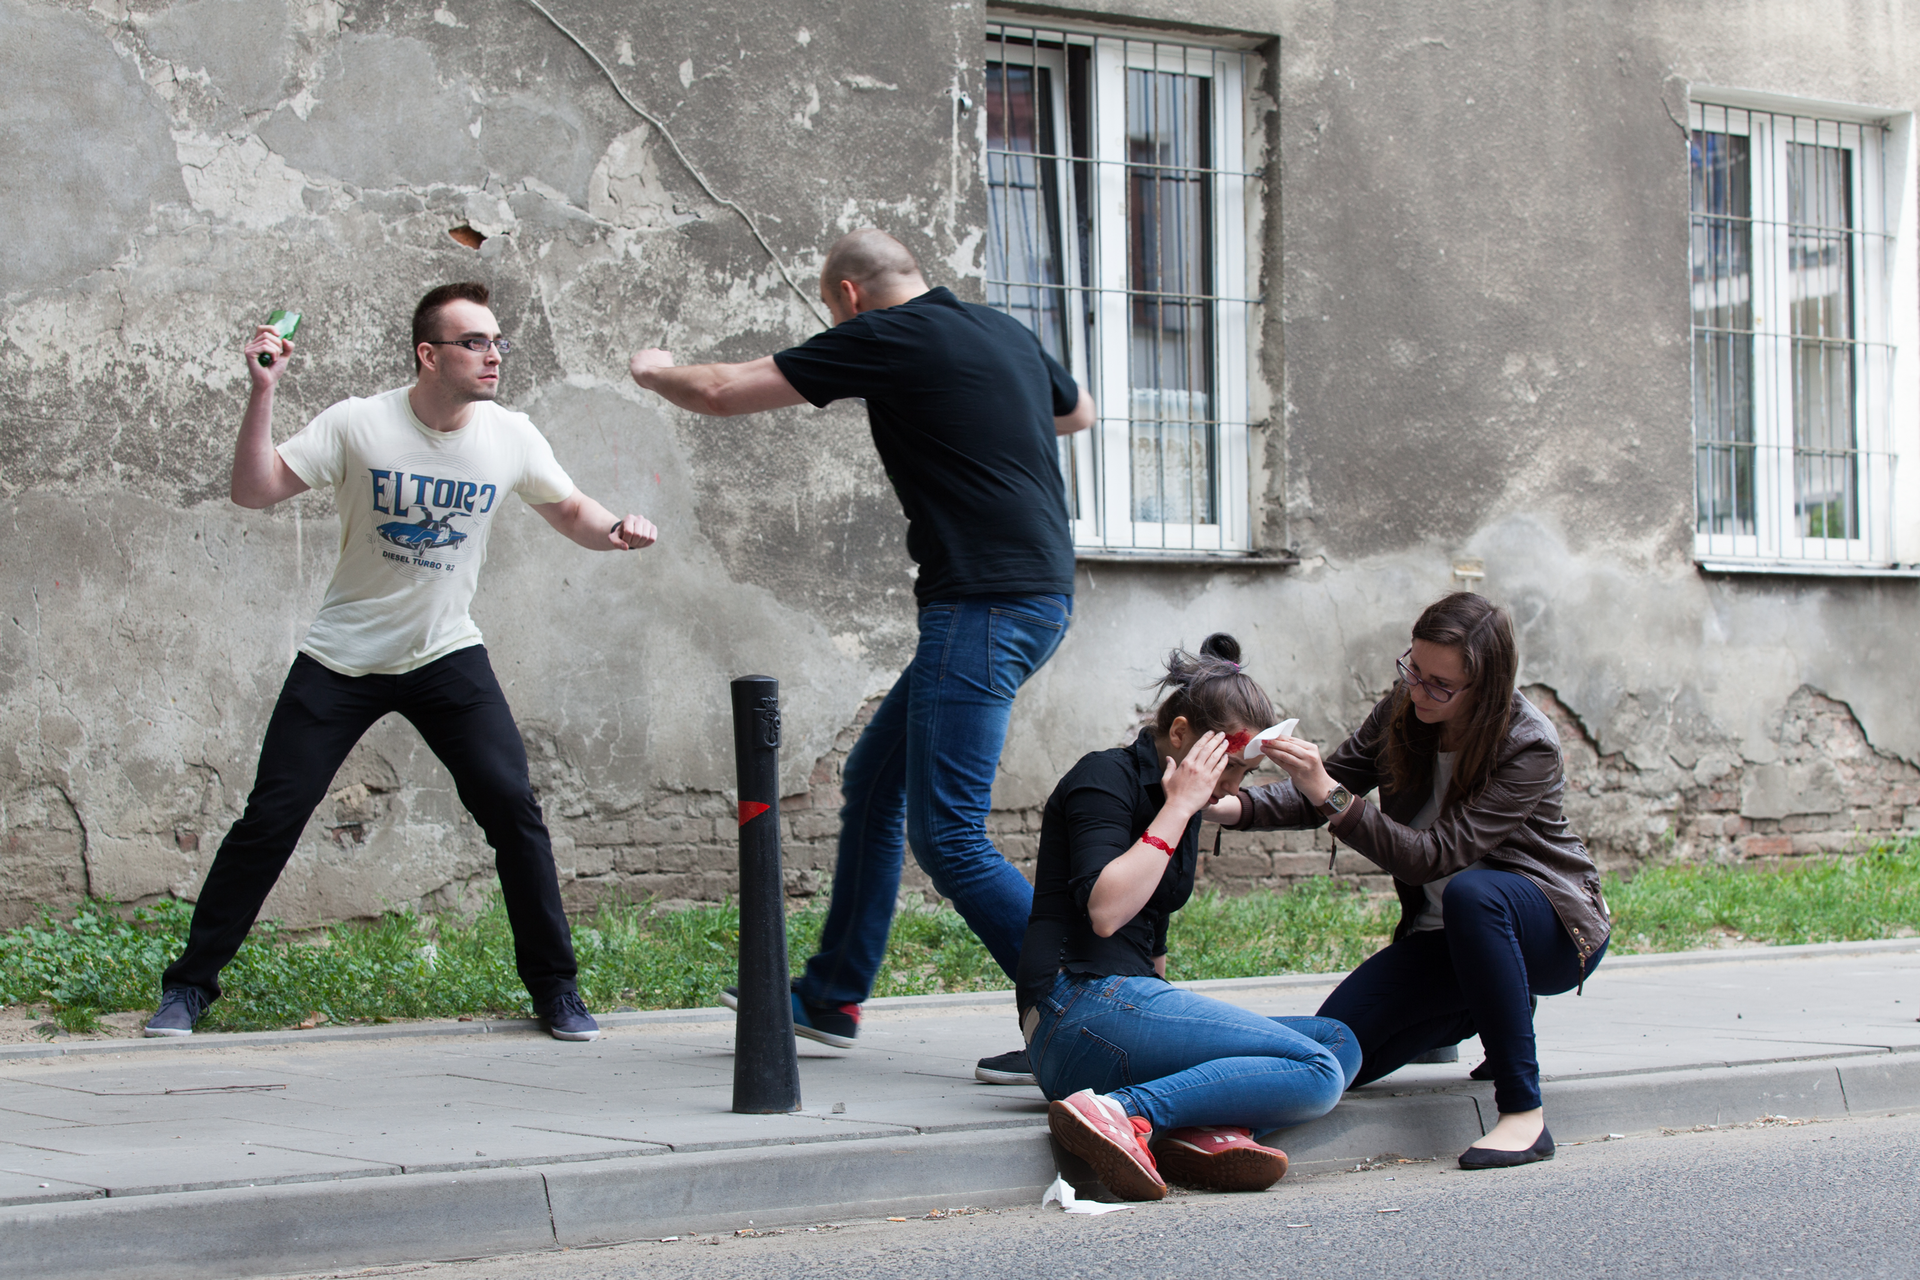 Zdjęcie pokazujące osobę poszkodowaną zkrwawiącą głową siedzącą na krawędzi chodnika. Wtle odrapana fasada budynku. Świadek udziela pierwszej pomocy atuż przy nim widać dwie osoby, które się biją. Jedna znich trzyma rozbitą butelkę.